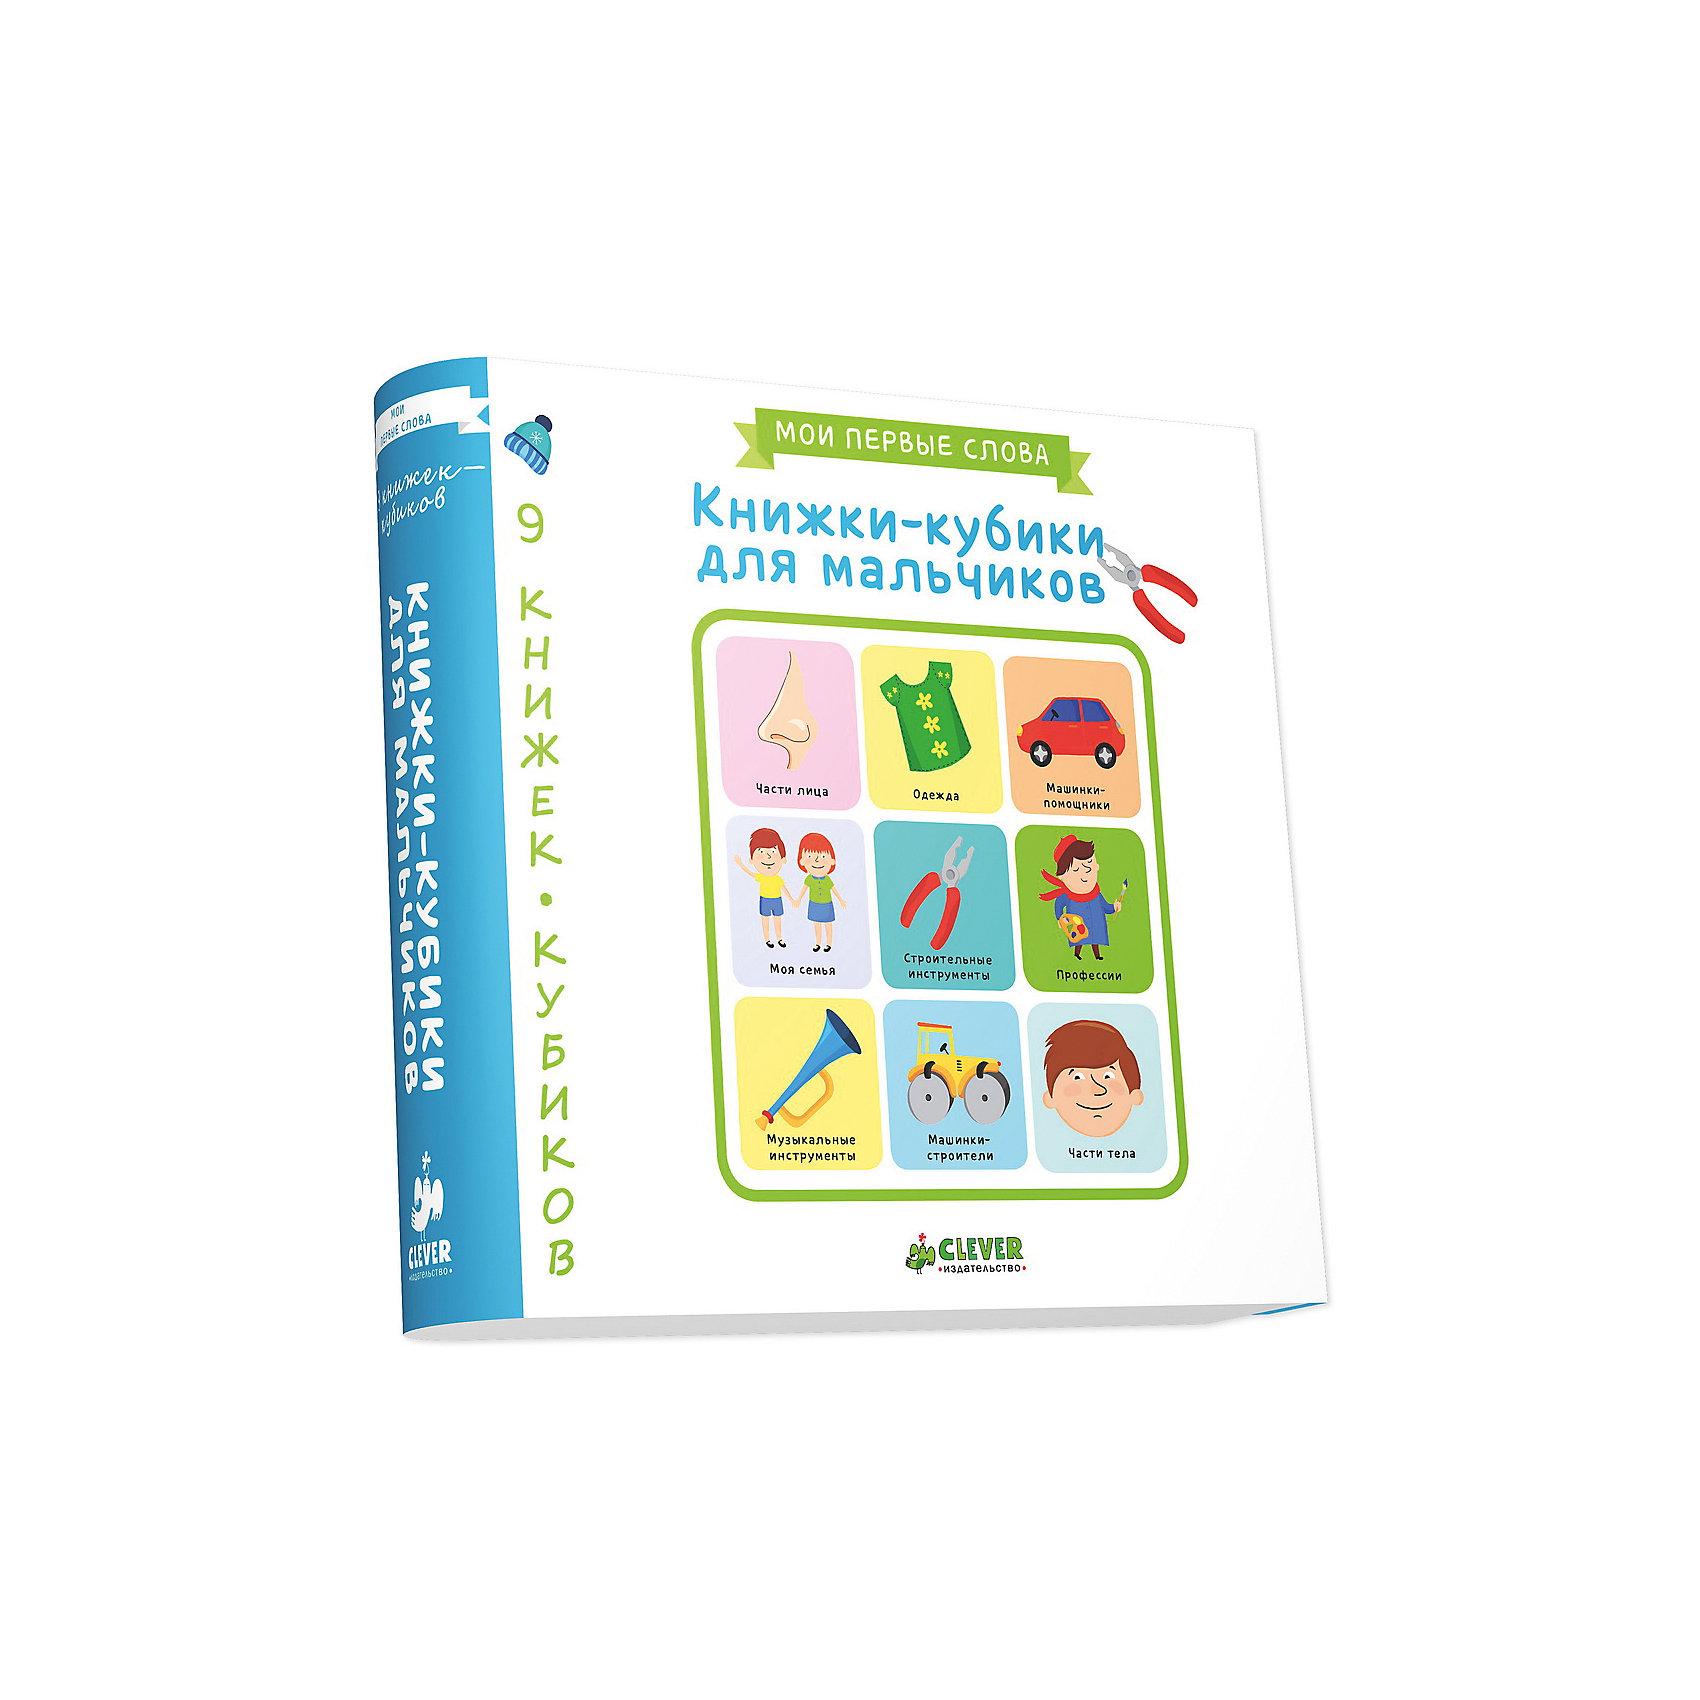 Книжки-кубики для мальчиков Мои первые словаОпытные педагоги и психологи разработали этот комплект книжек-кубиков специально, с учётом интересов и психологических особенностей развития мальчиков. Новая книга «Книжки-кубики для девочек. Мои первые слова» расскажет юным читателям о интересных и окружающих их ежедневно темах. Картонная книга с кубиками «Книжки-кубики для мальчиков. Мои первые слова» станет первой развивающей книжкой-игрушкой для вашего сына. Яркие кубики с иллюстрациями и названиями одежды и машинок, профессий и музыкальных инструментов понравятся юным читателям, а практичный качественный картон сохранит книгу ни для одного поколения непосед! <br><br>Дополнительная информация:<br><br>- Художник: Елькина Е., Жиренкина Е., Корчемкина Е.<br>- Материал: картон.<br>- Размер книжки-кубика: 4,5х4,5х3 см.<br>- Толщина странички: 0,5 см.<br>- Размер упаковки (на магните): 18х16х4 см.<br>- Общее количество страниц: 90.<br>- Иллюстрации: цветные. <br><br>Книжки-кубики для мальчиков Мои первые слова можно купить в нашем магазине.<br><br>Ширина мм: 180<br>Глубина мм: 160<br>Высота мм: 30<br>Вес г: 539<br>Возраст от месяцев: 0<br>Возраст до месяцев: 36<br>Пол: Мужской<br>Возраст: Детский<br>SKU: 4419581